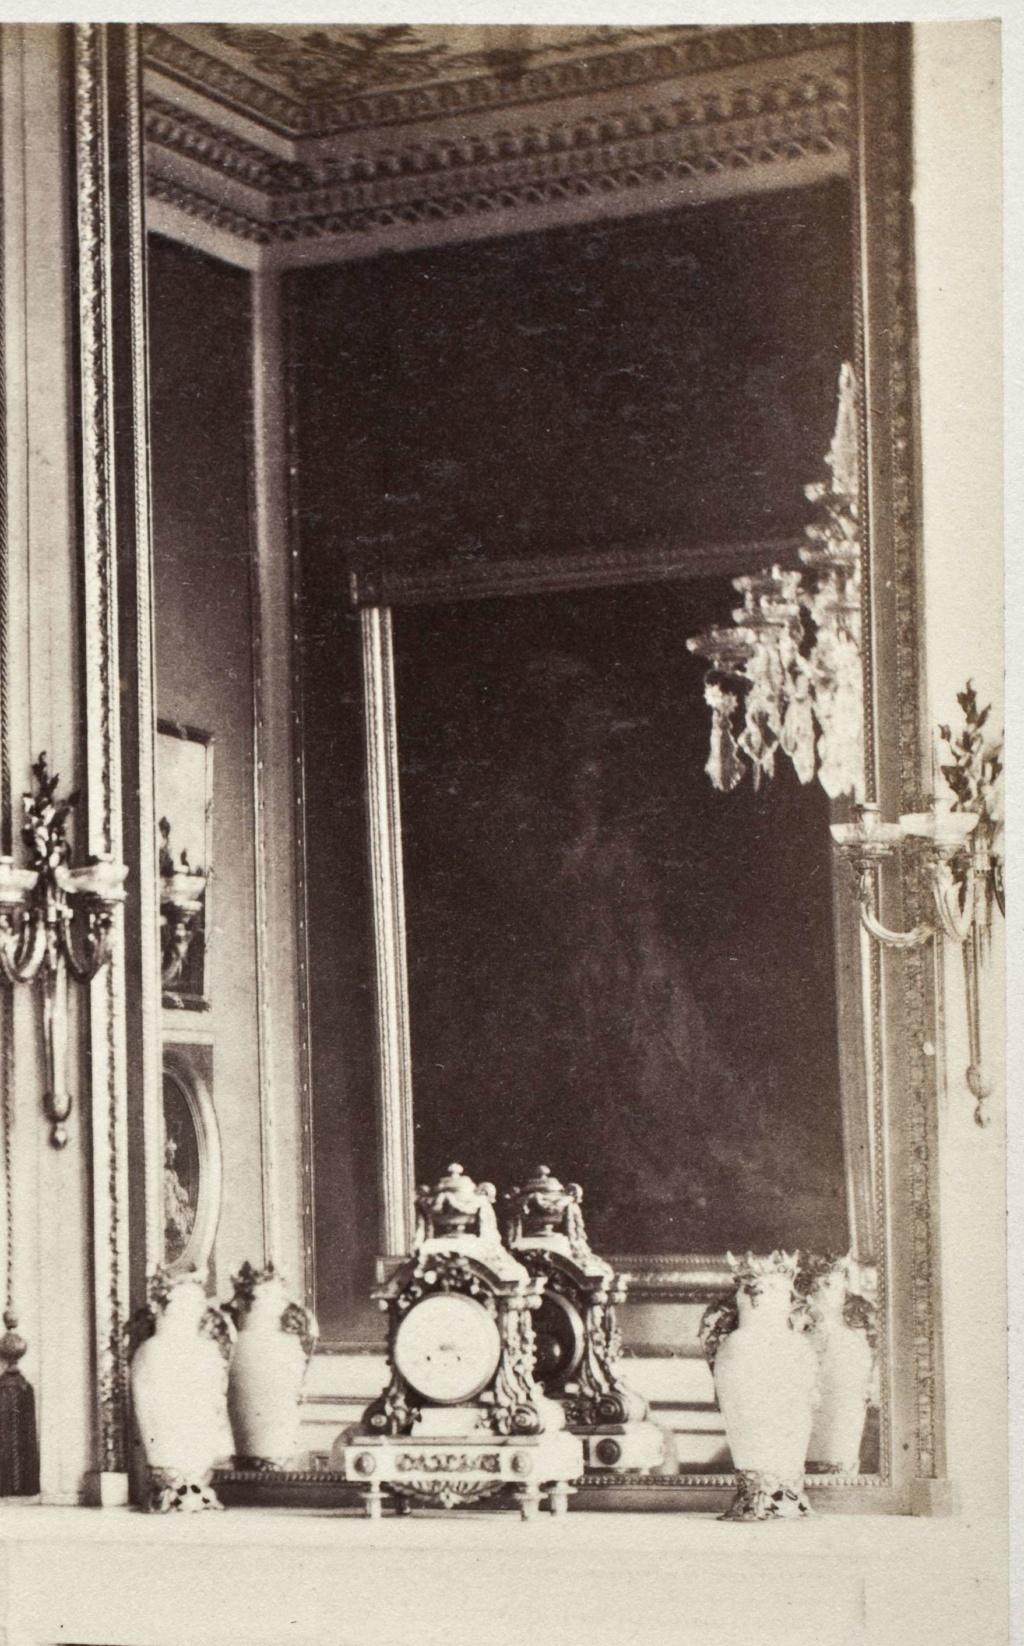 Le château de Saint-Cloud - Page 17 Lambal11